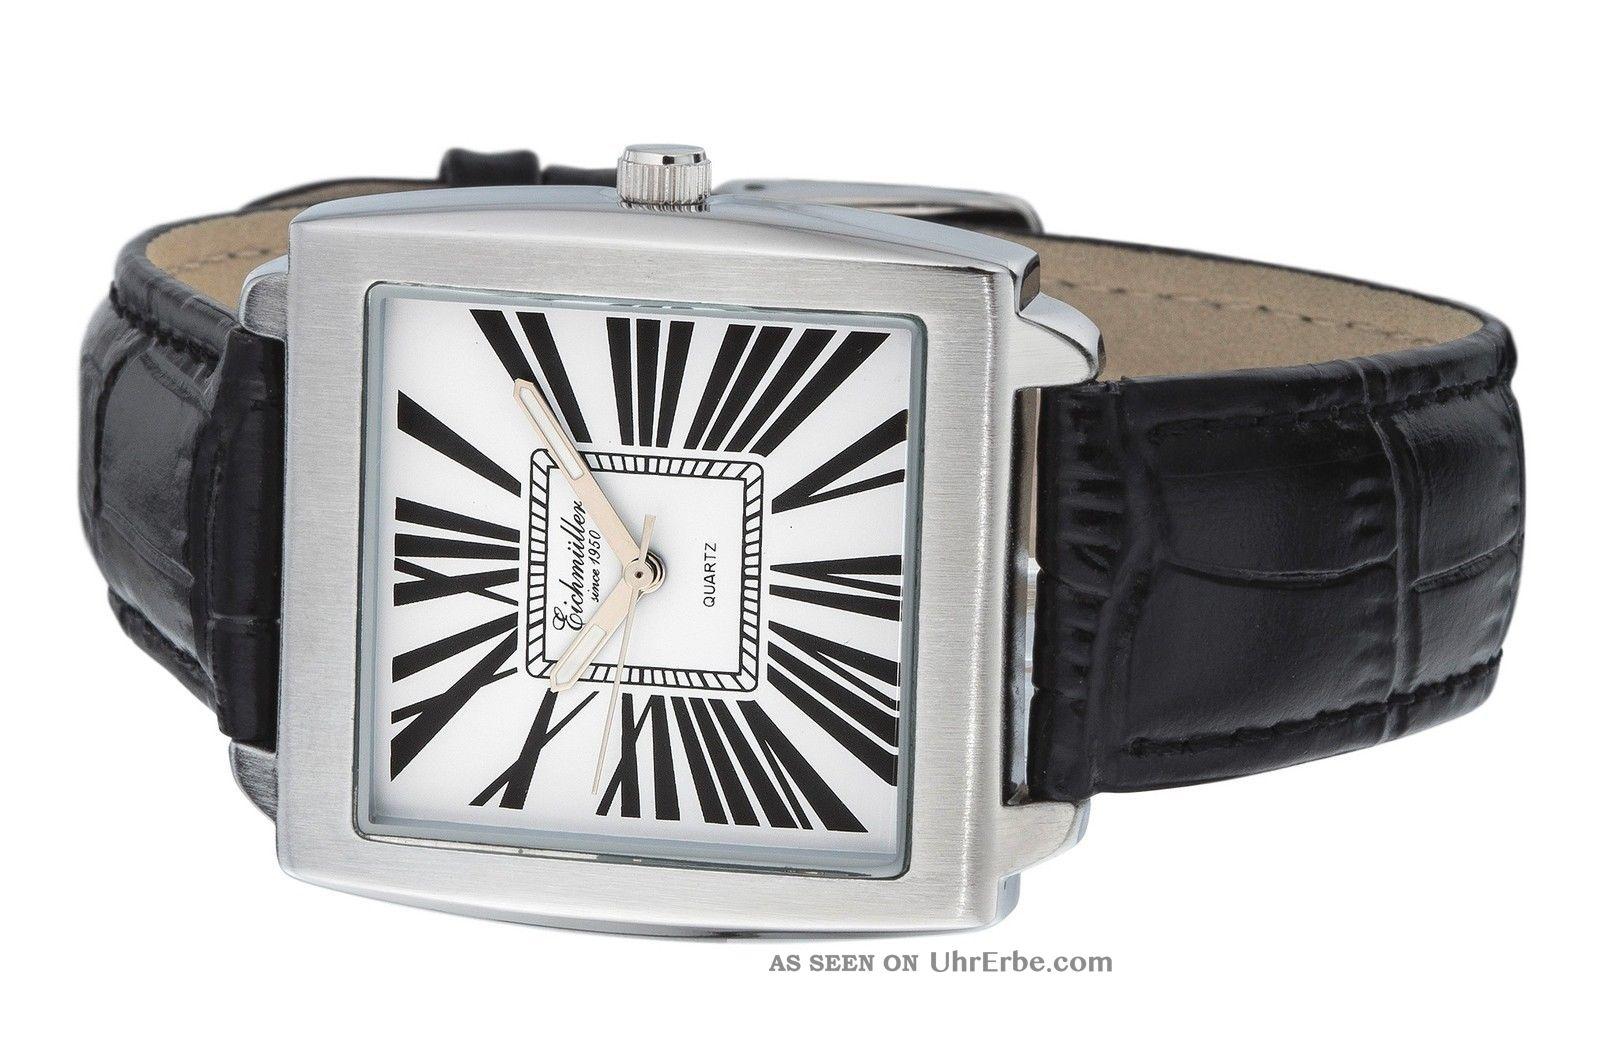 Schicke Eichmüller Herrenarmbanduhr 35 Mm Klassische Note Weisses Zifferblatt Armbanduhren Bild